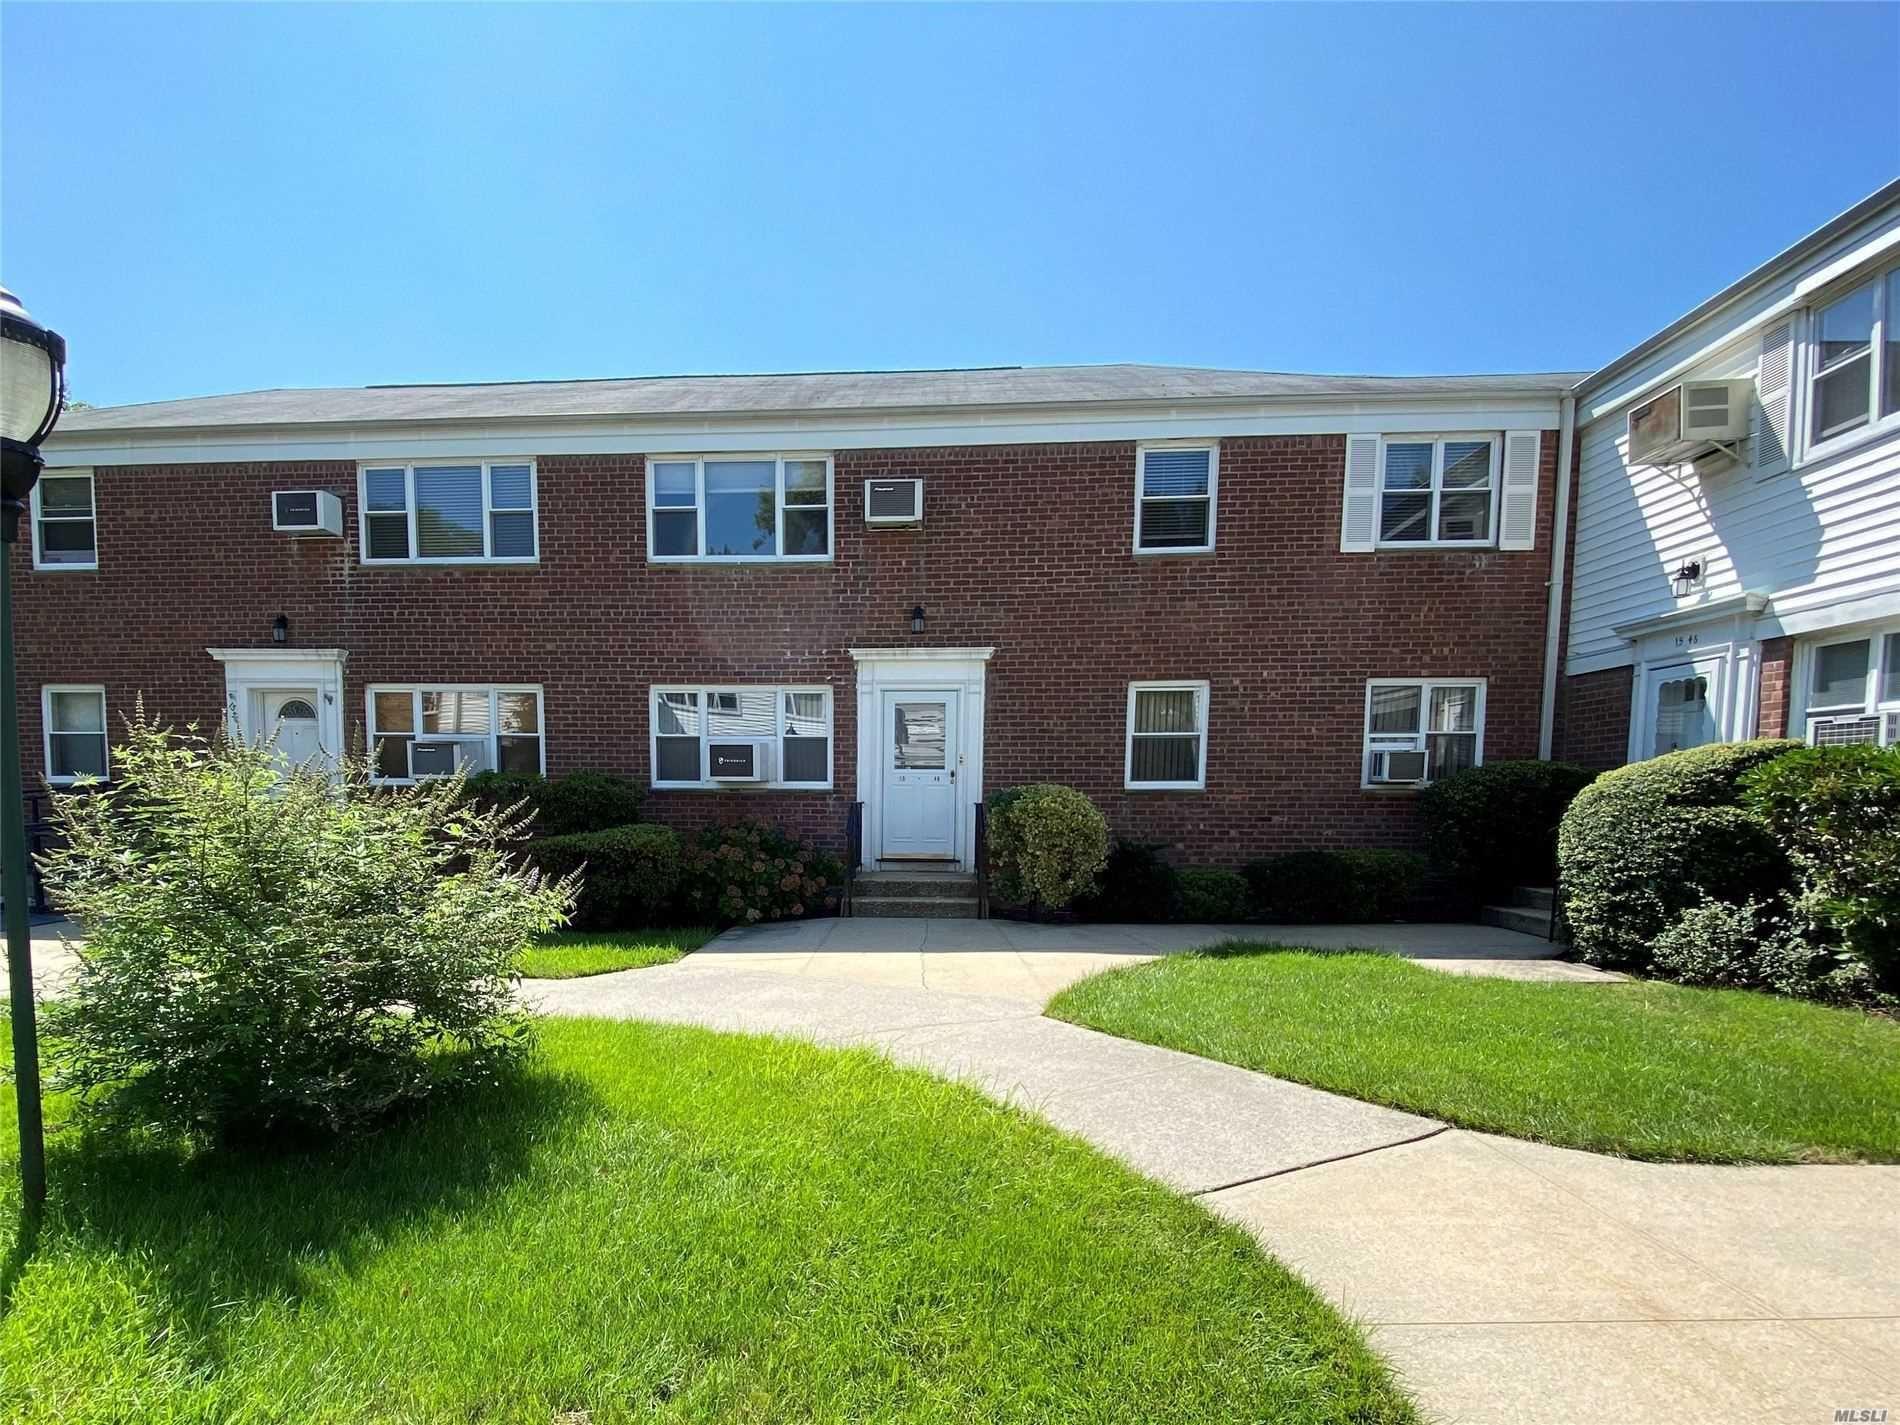 15-48 212 Street #236, Bayside, NY 11360 - MLS#: 3244329